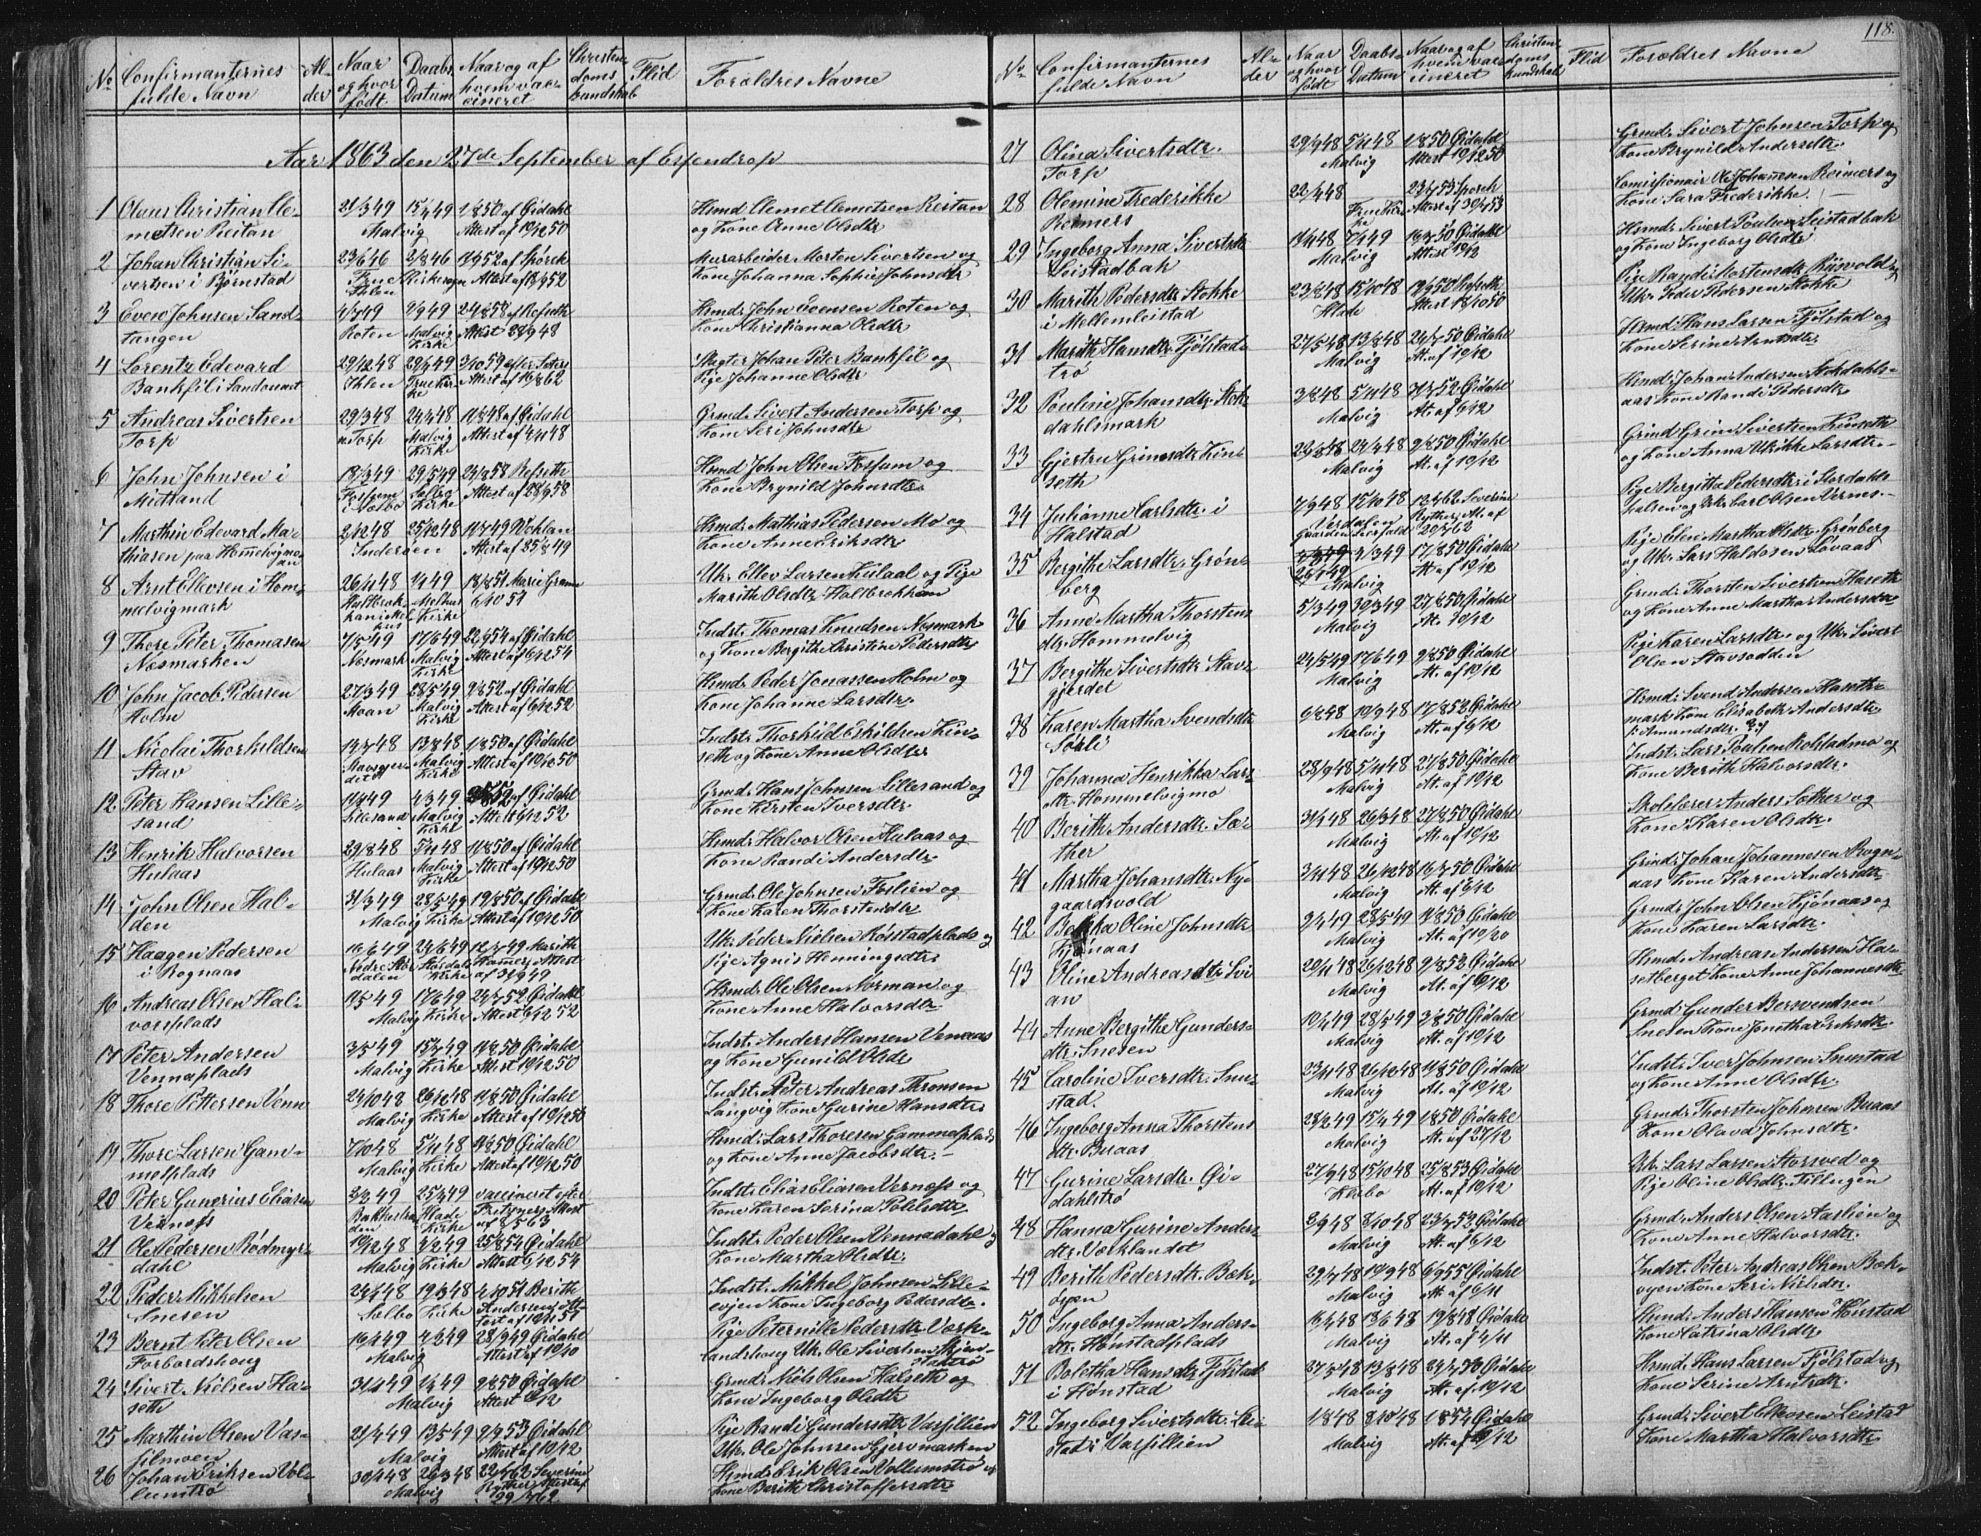 SAT, Ministerialprotokoller, klokkerbøker og fødselsregistre - Sør-Trøndelag, 616/L0406: Ministerialbok nr. 616A03, 1843-1879, s. 118